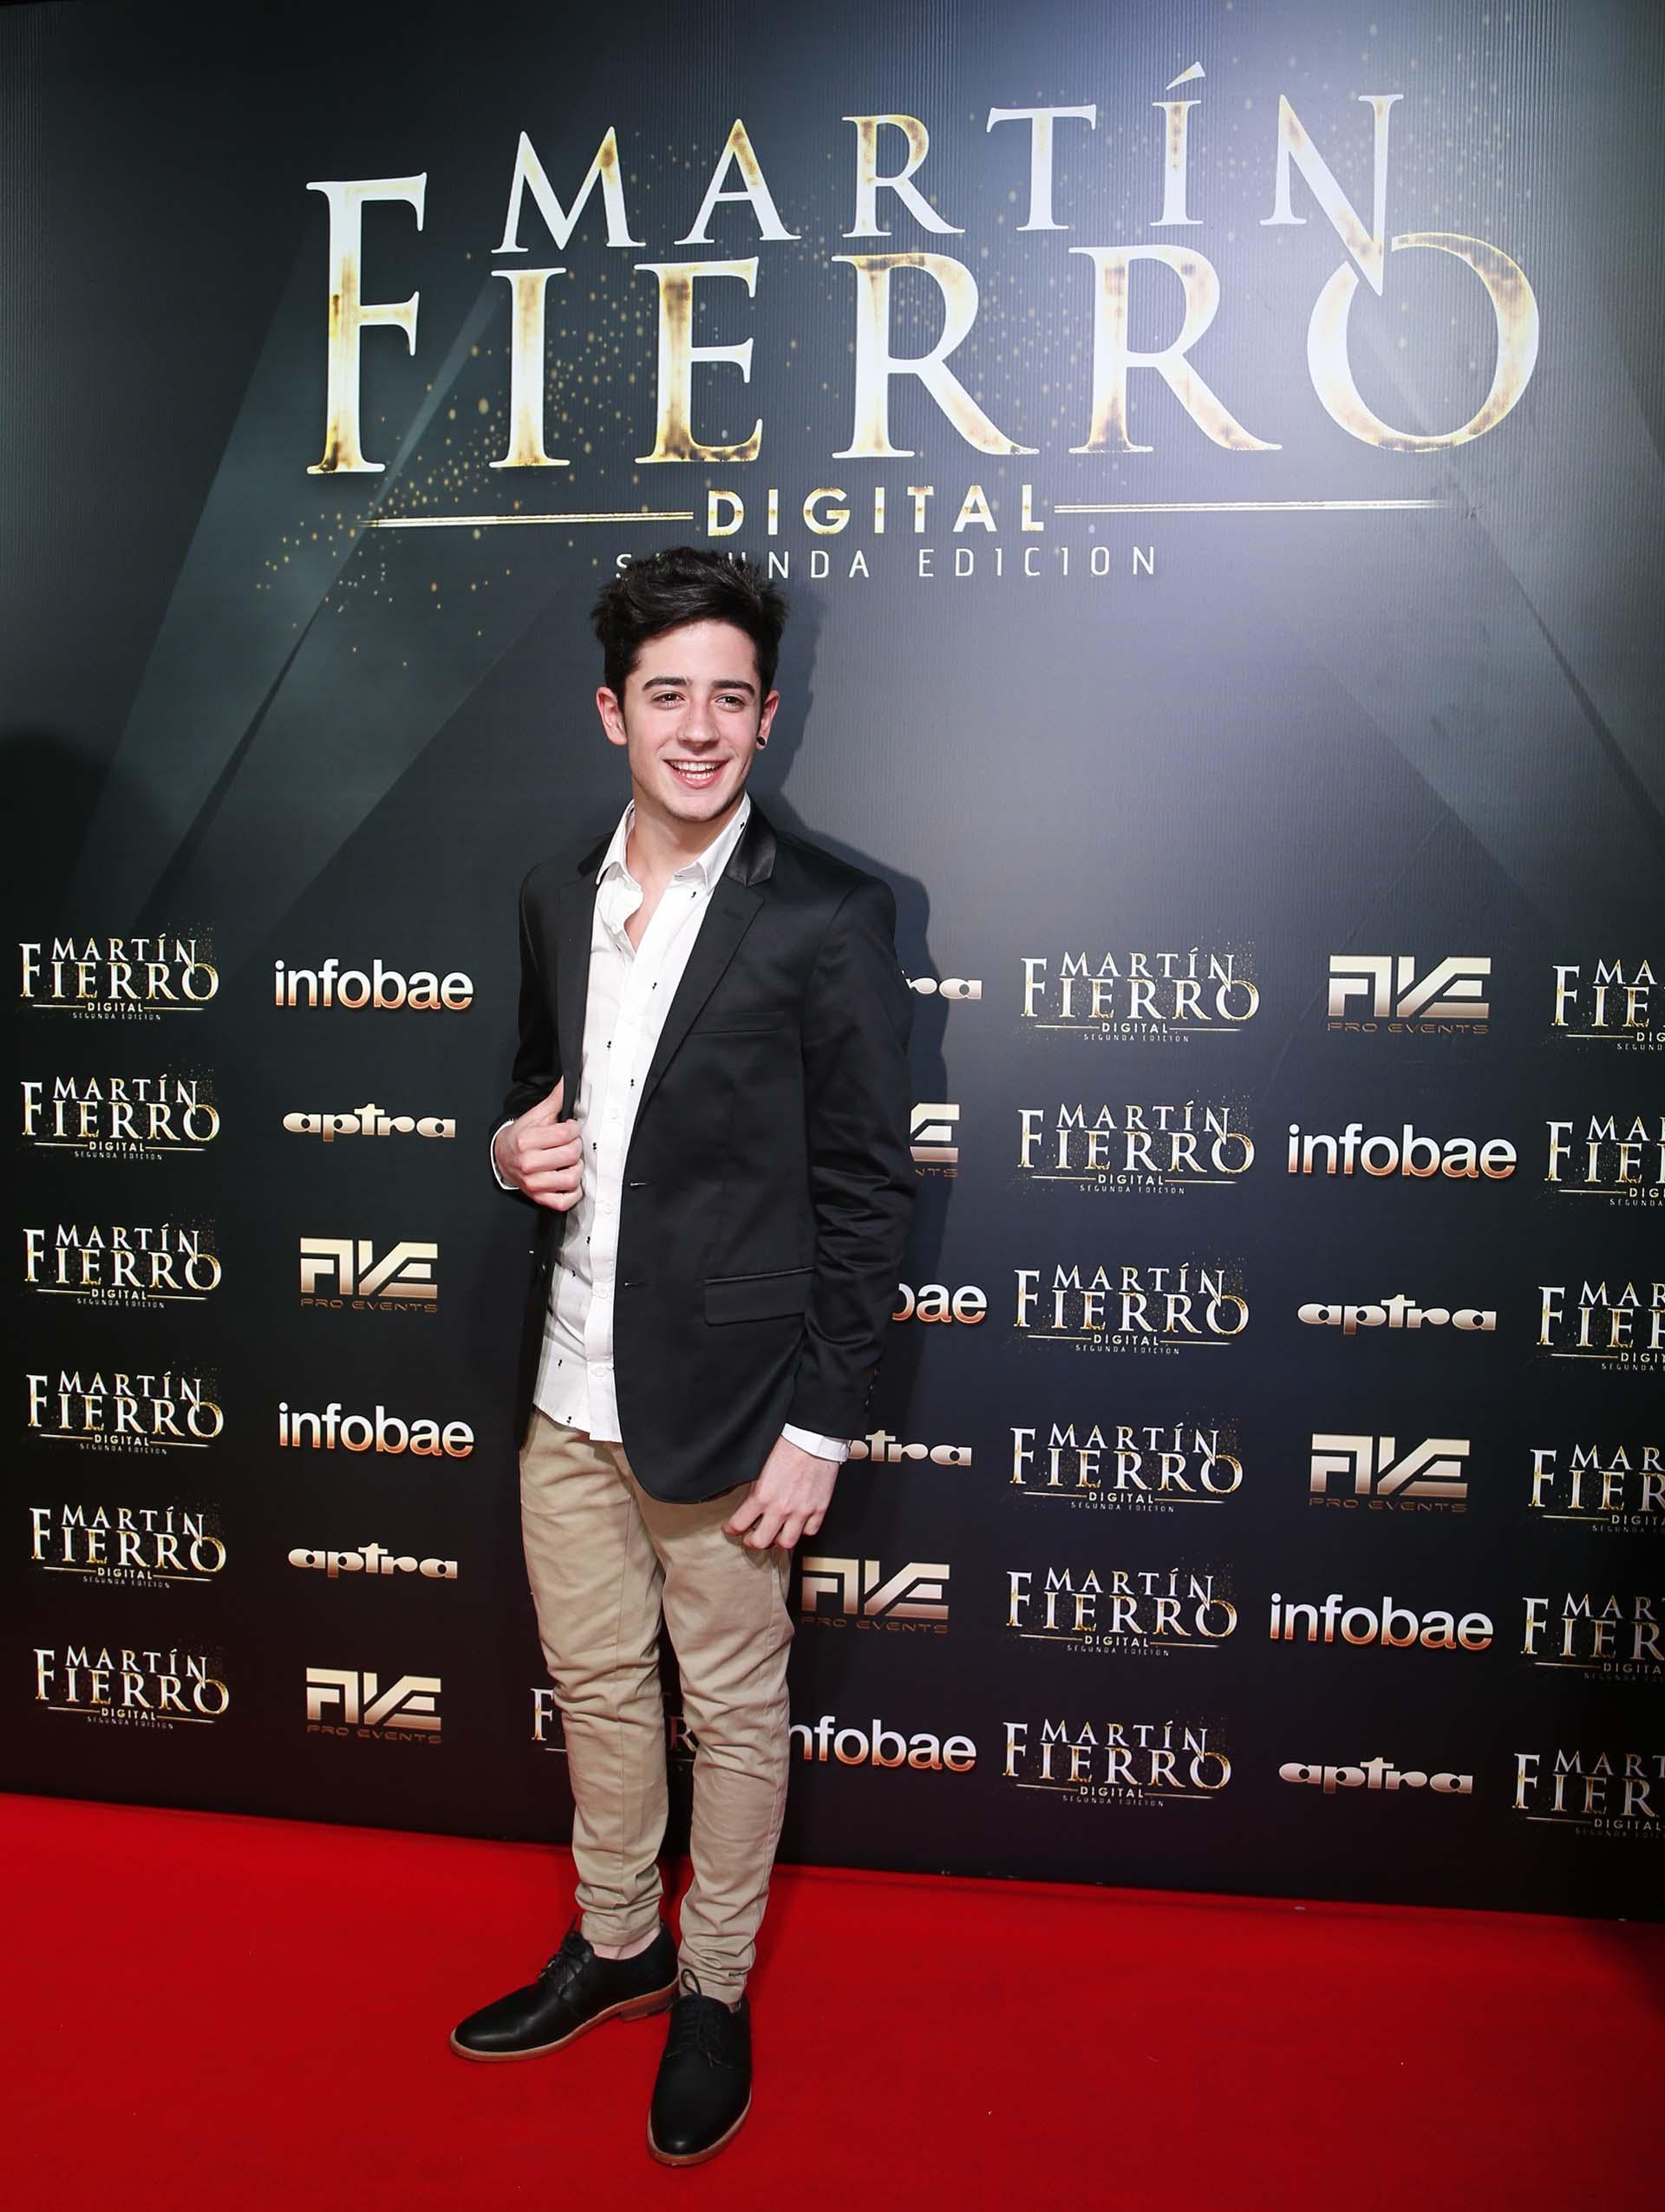 El youtuber Kevsho con saco de esmoquin negro, camisa blanca con dibujos, pantalón de gabardina y zapatos de cuero negro